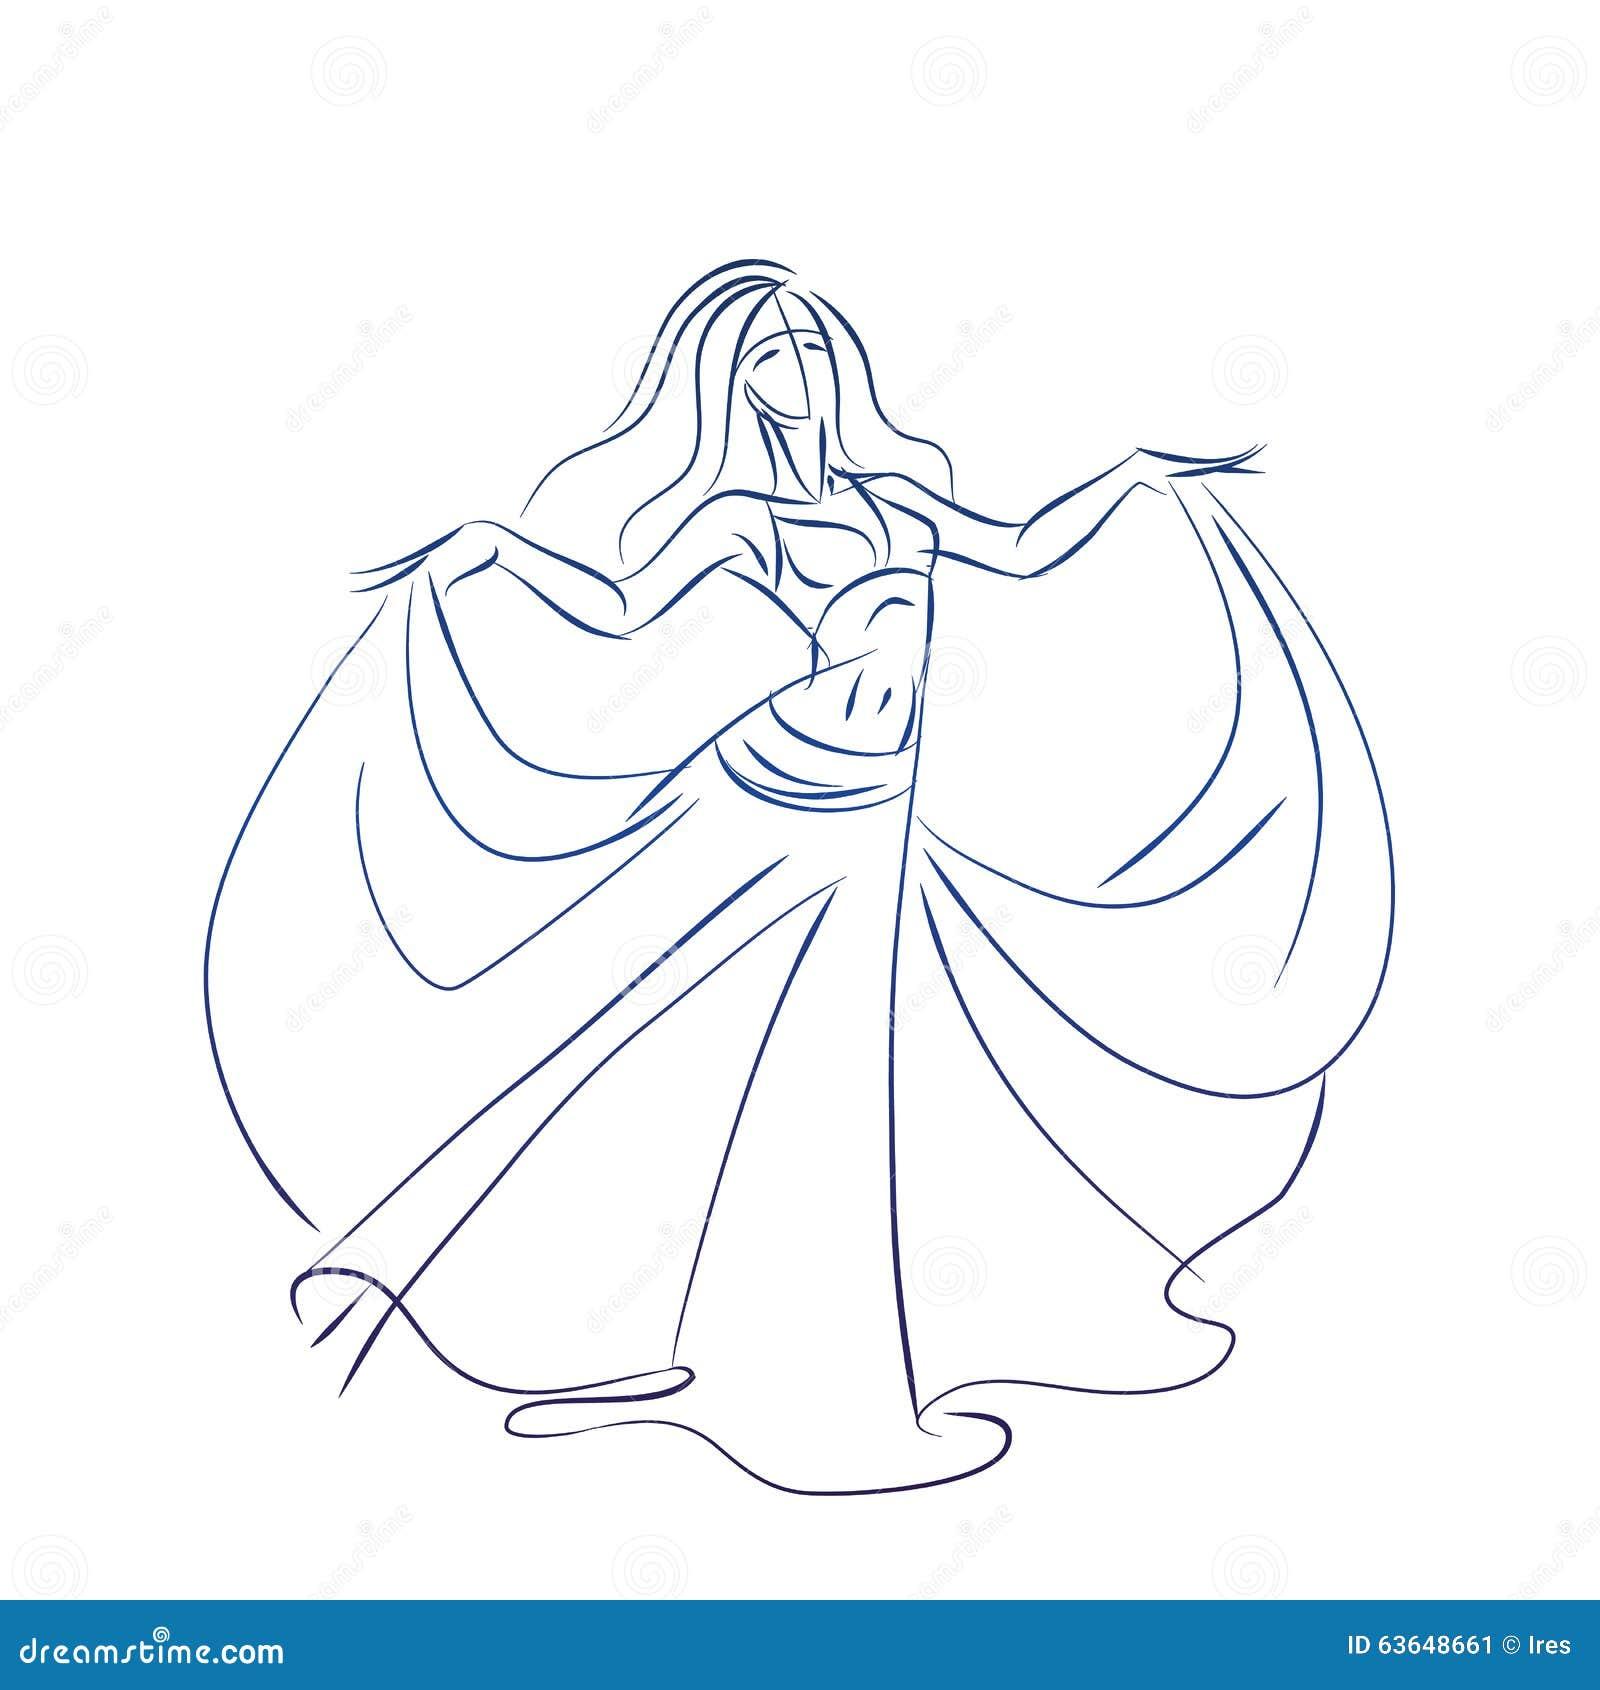 Dessin de geste de croquis d 39 encre de danseuse du ventre - Danseuse orientale dessin ...